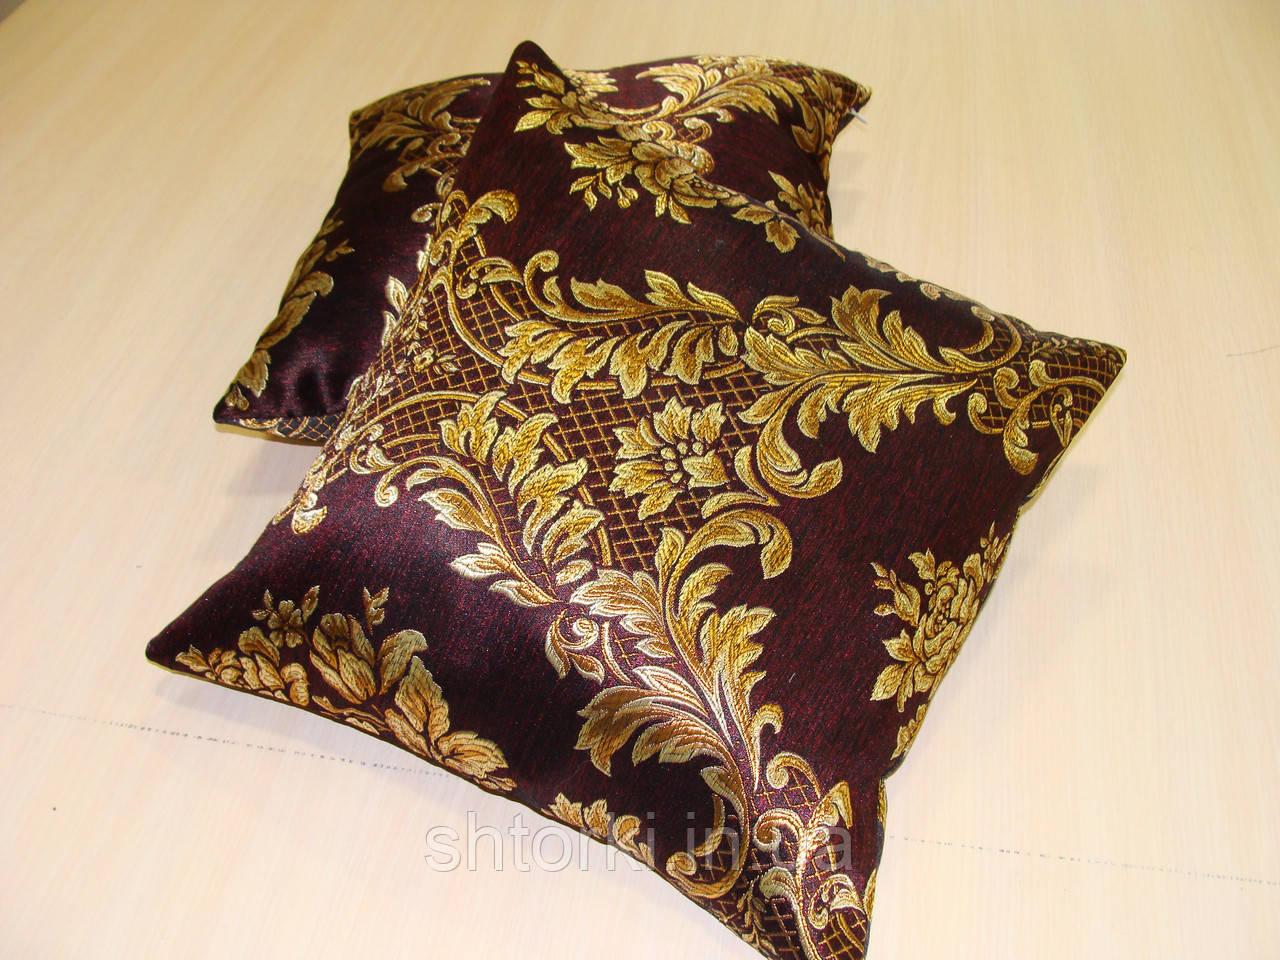 Комплект подушек Черные з золотым рисунком двусторонние, 2шт 40х40см